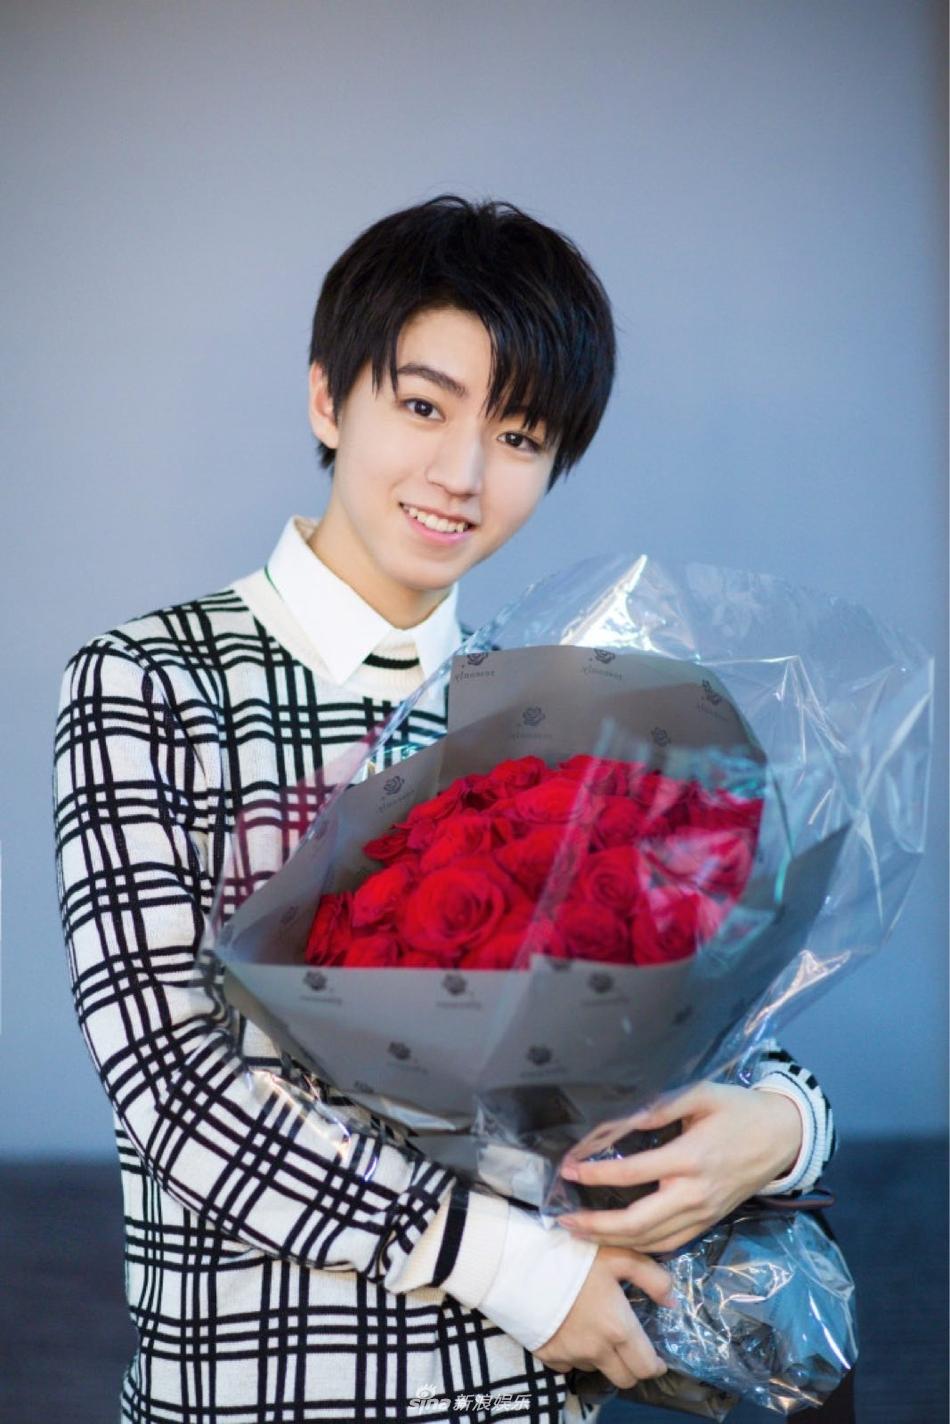 Người hâm mộ tiêu tiền tỷ mừng sinh nhật nam thần hot nhất Trung Quốc Vương Tuấn Khải tròn 18 tuổi-3